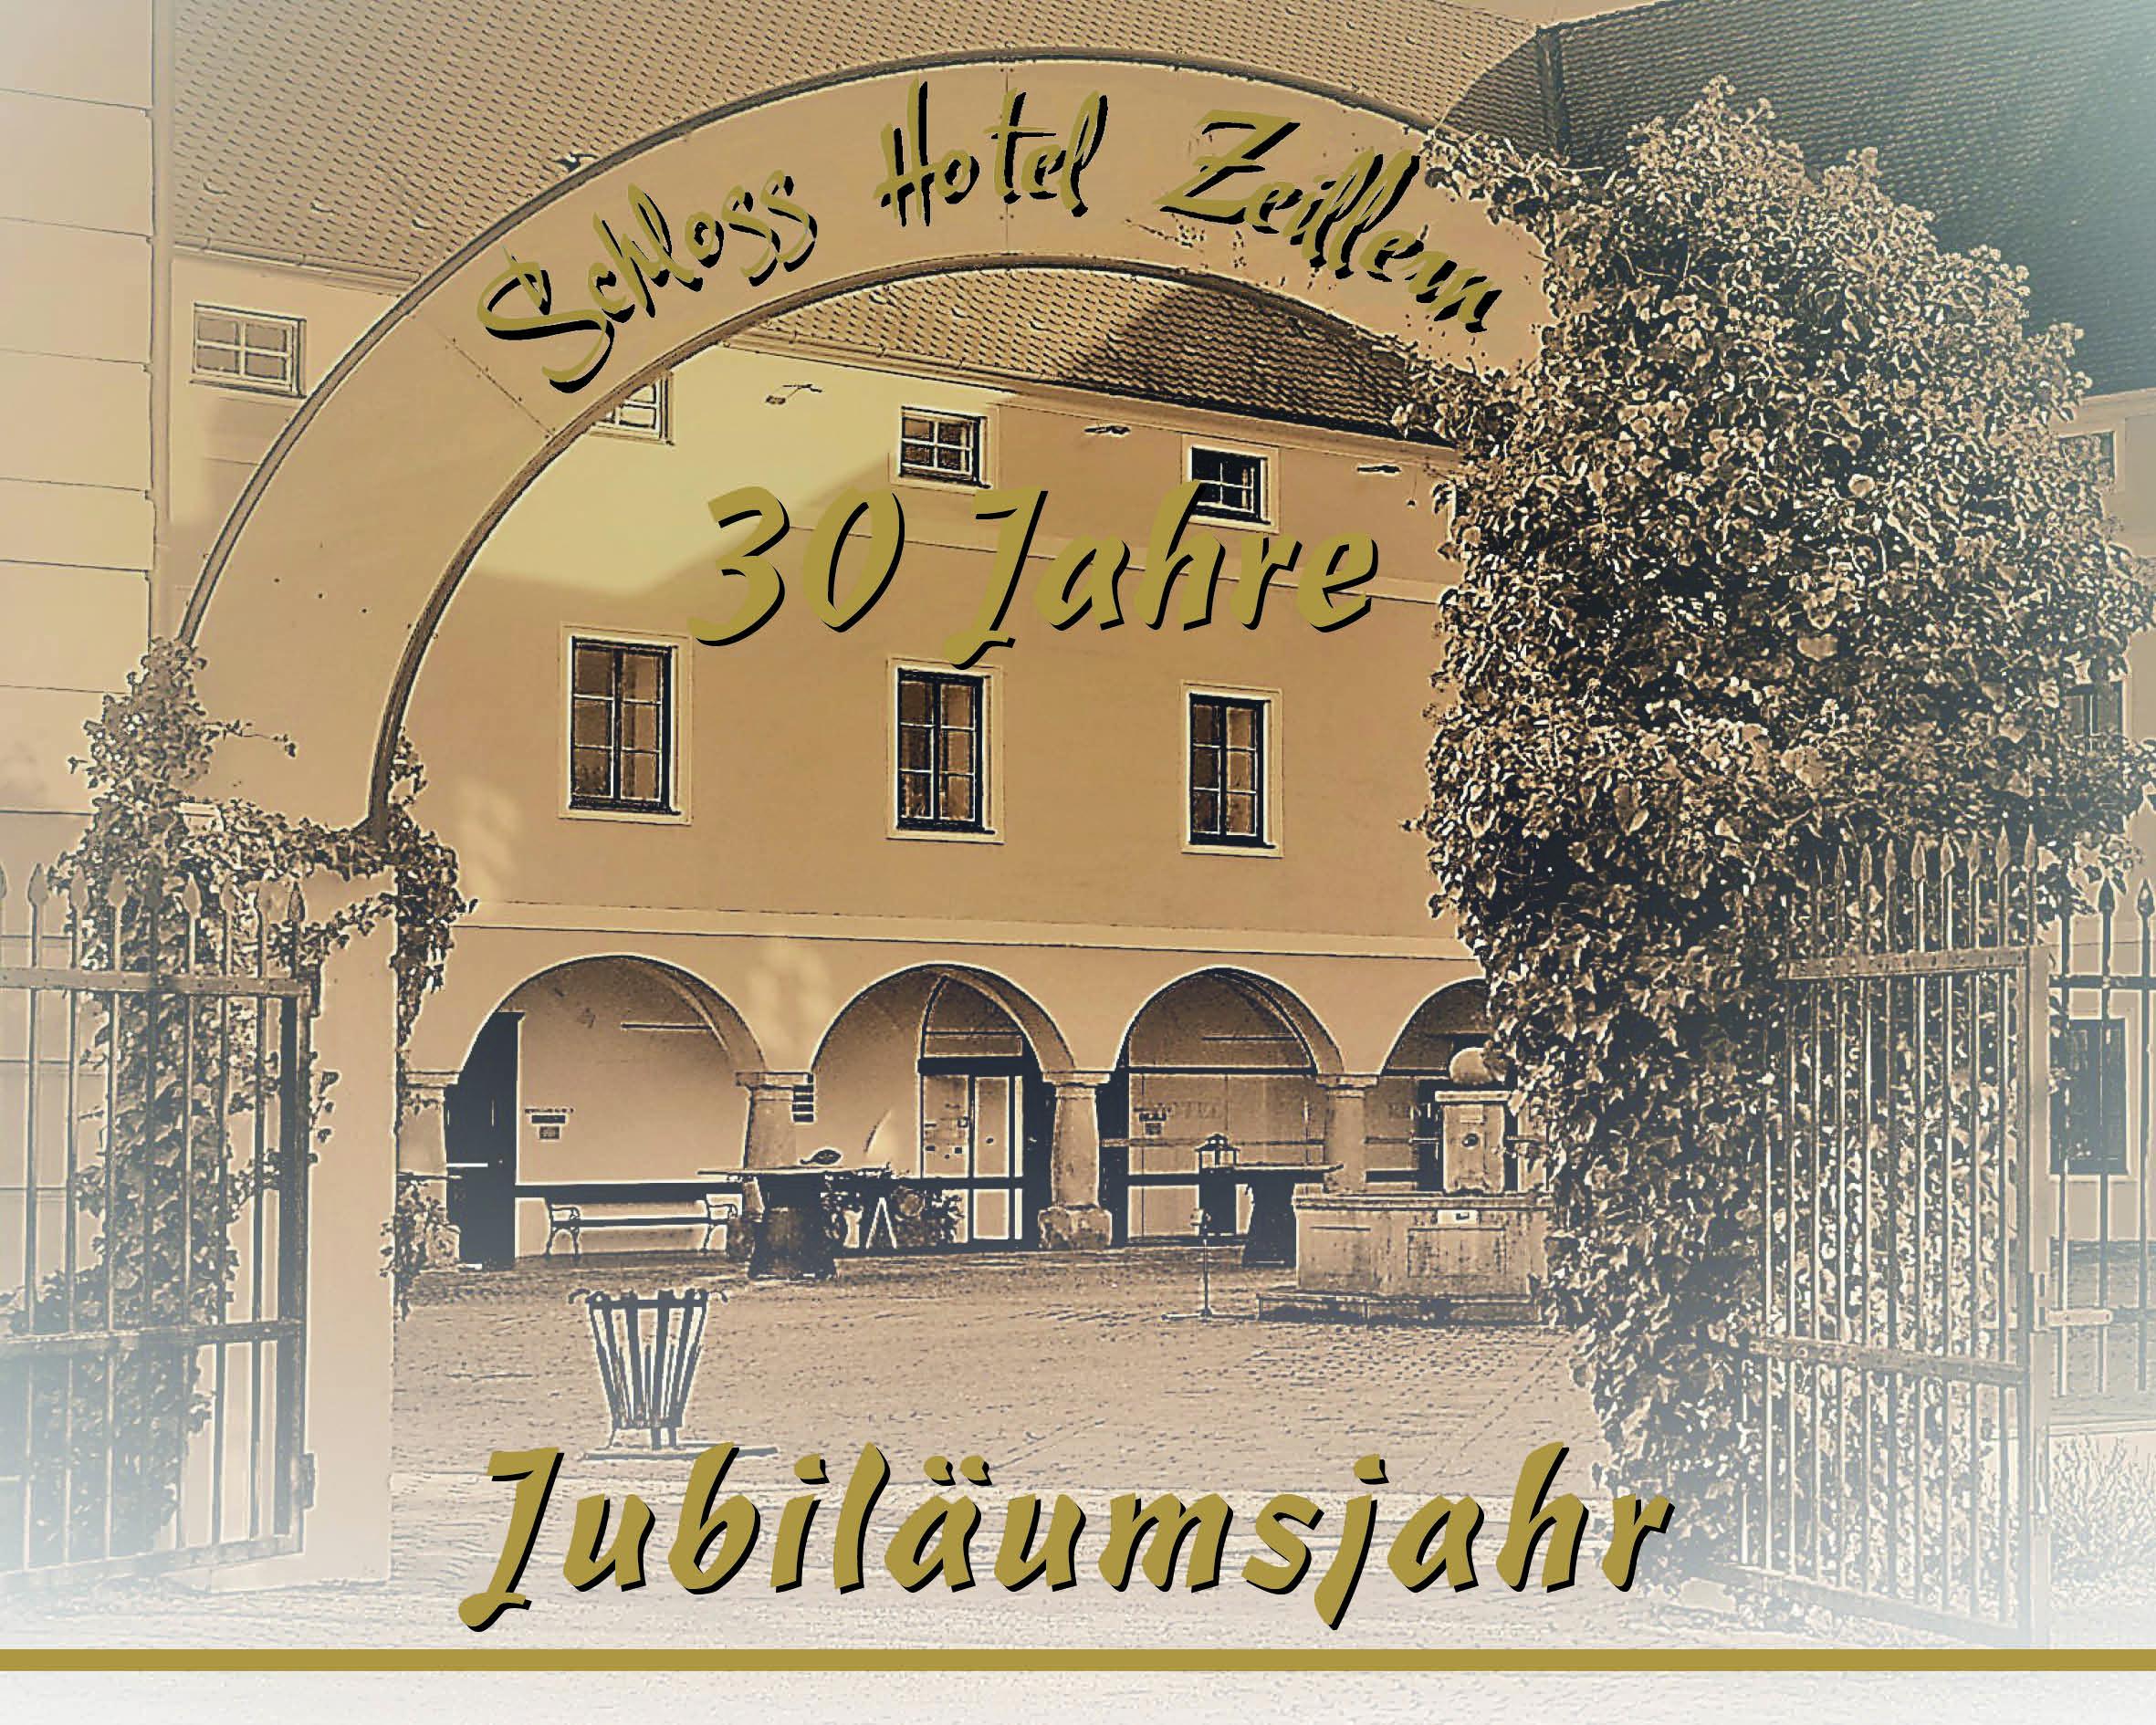 """Bild zum 30jährigen Jubiläum des Seminarhotel Zeillern - das """"Schloss Hotel Zeillern"""""""